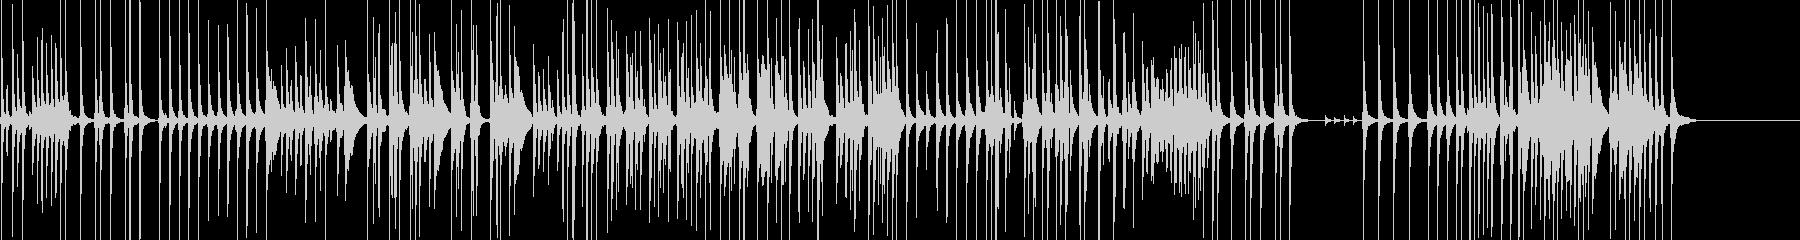 三味線79鷺娘11合方生音歌舞伎妖怪鷺雪の未再生の波形